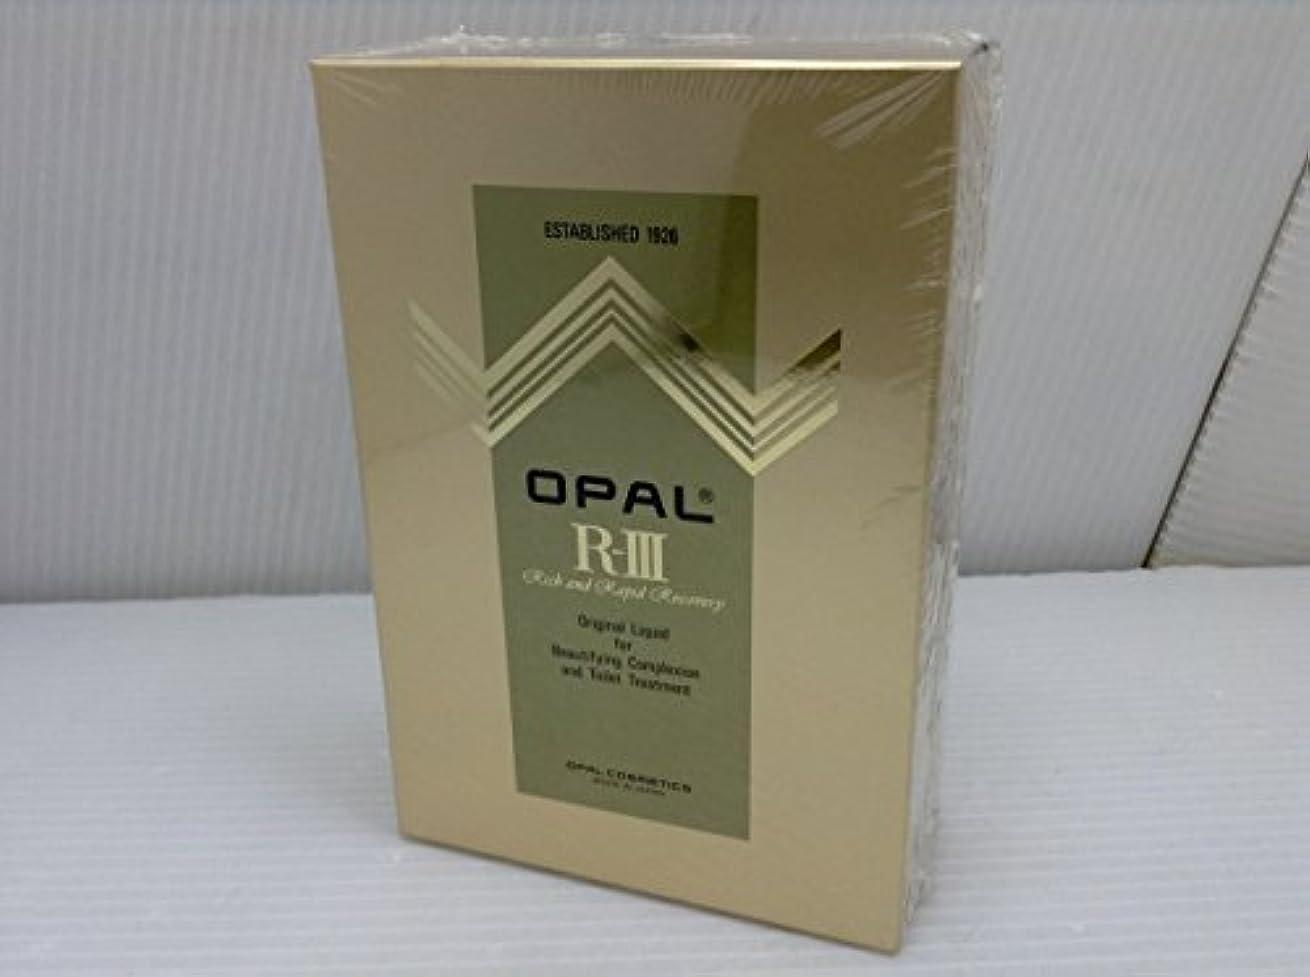 ナインへファイアル人道的オパール化粧品 美容原液 薬用オパール R-III (250ml)